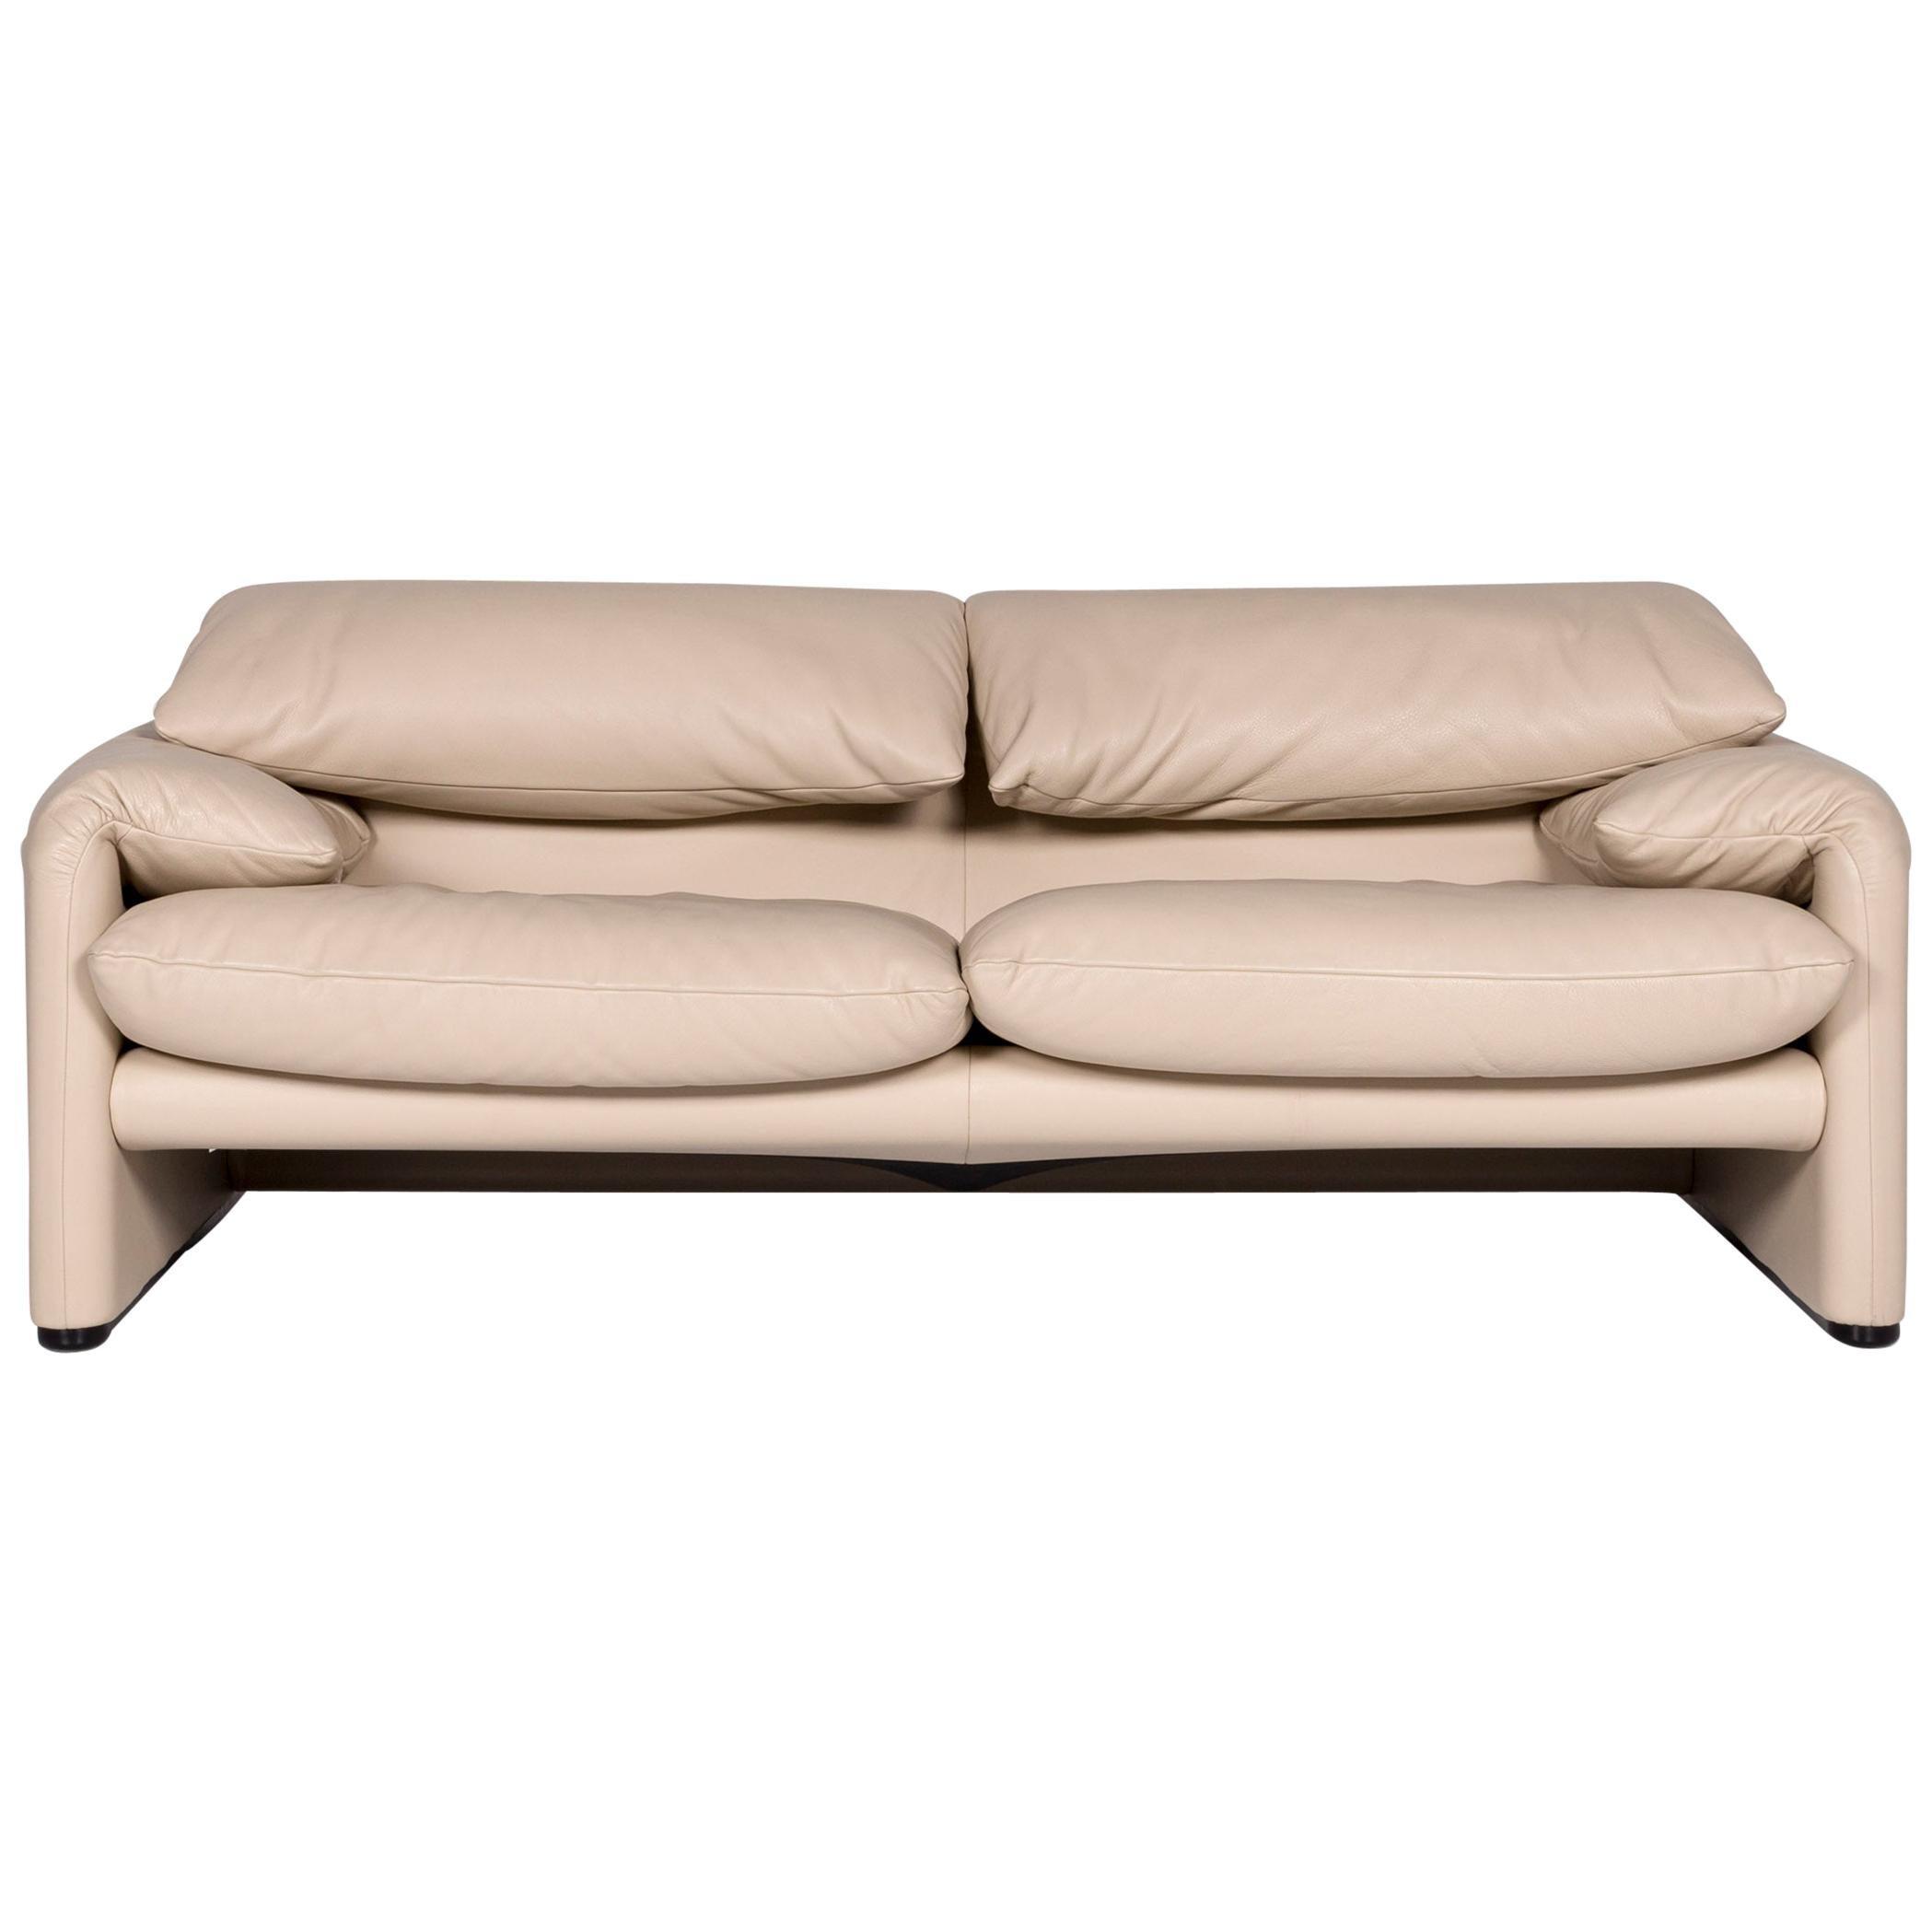 Zweisitzer Sofa Mit Funktion